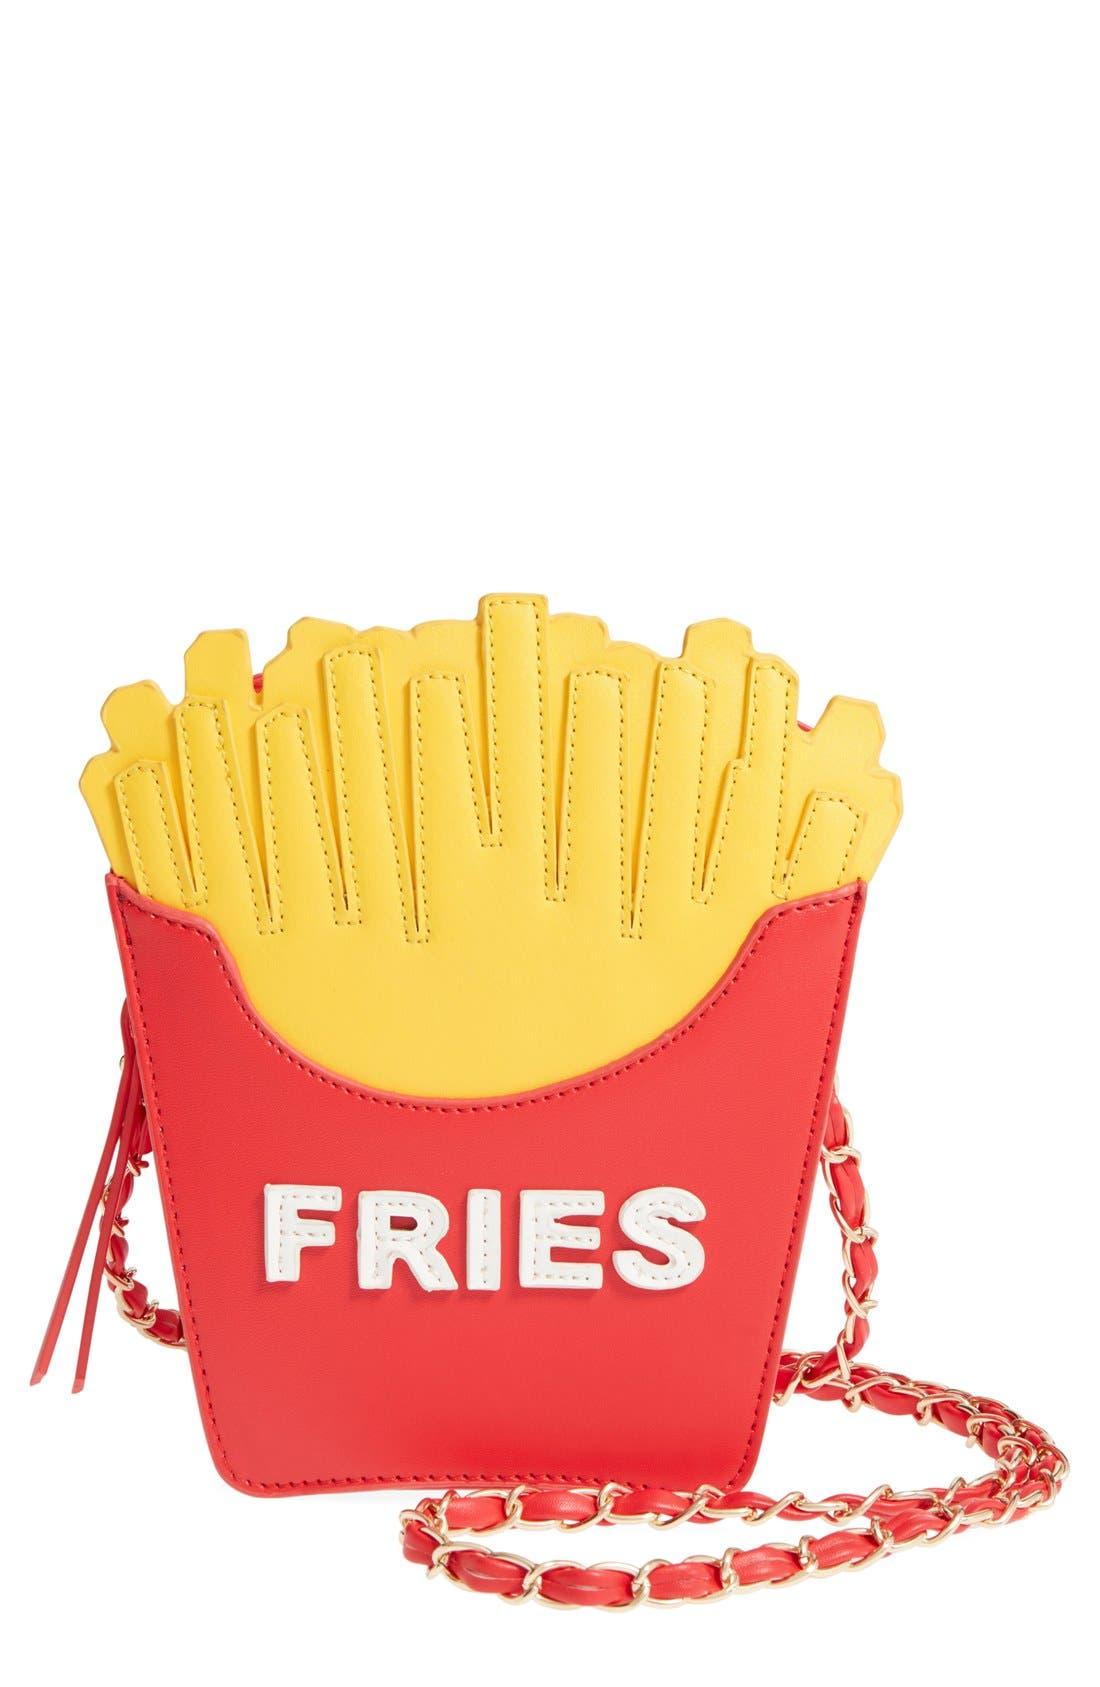 Main Image - Nila Anthony 'Fries' Crossbody Bag